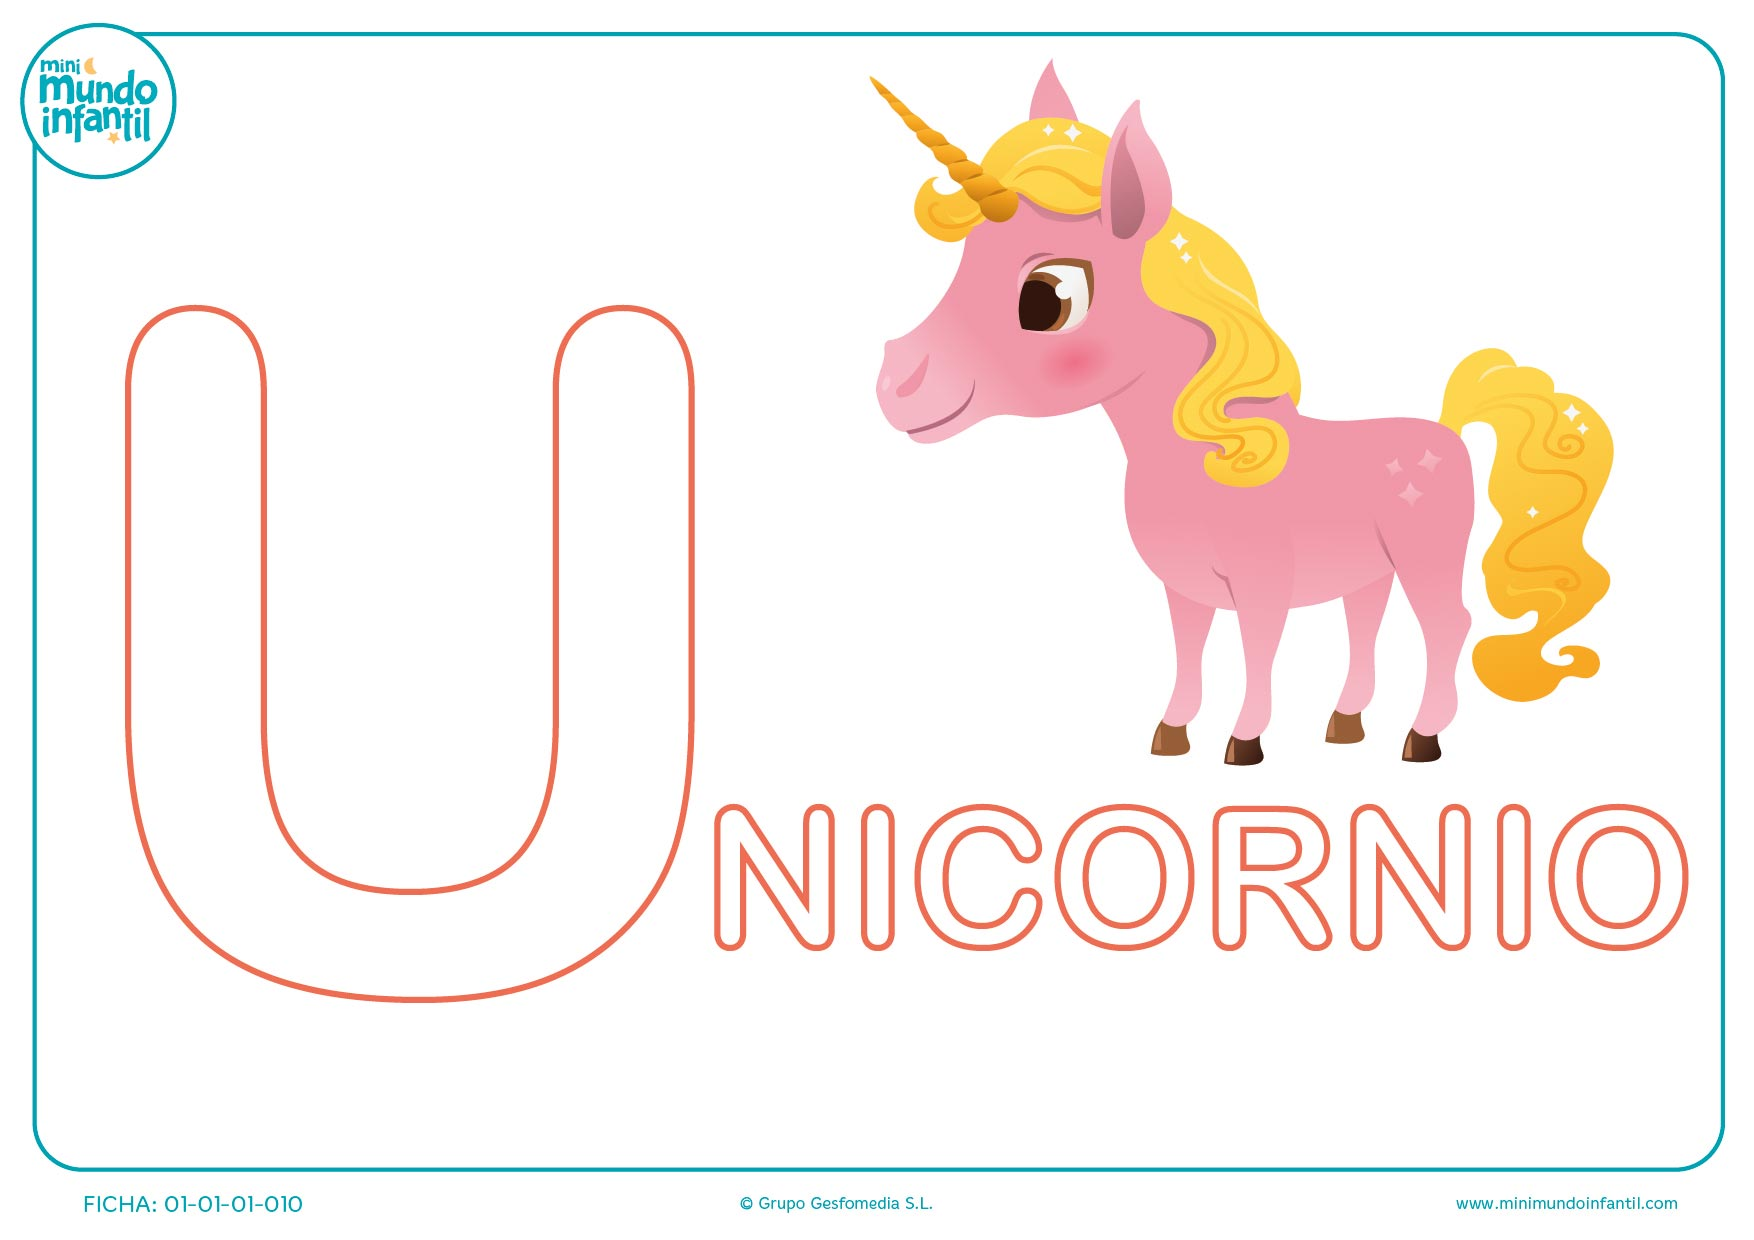 Imagenes infantiles con la letra u de animales letra u - Dibujos en la pared infantiles ...